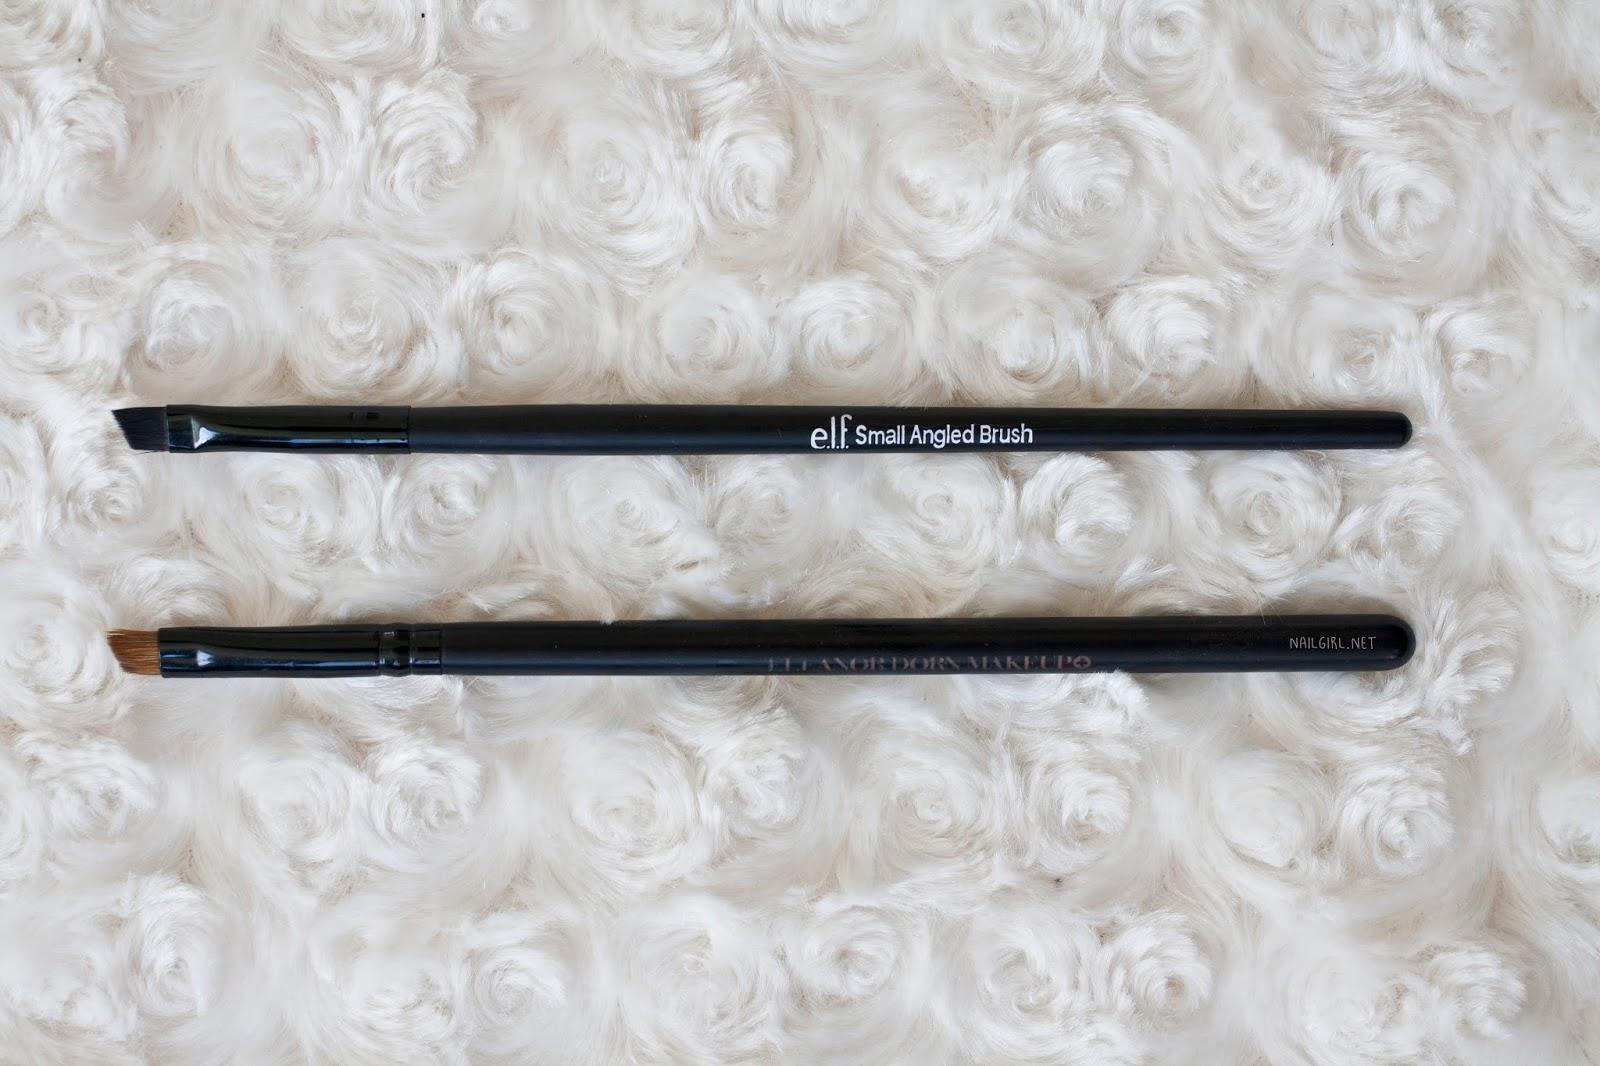 angled eyeliner brush elf eleanor dorn